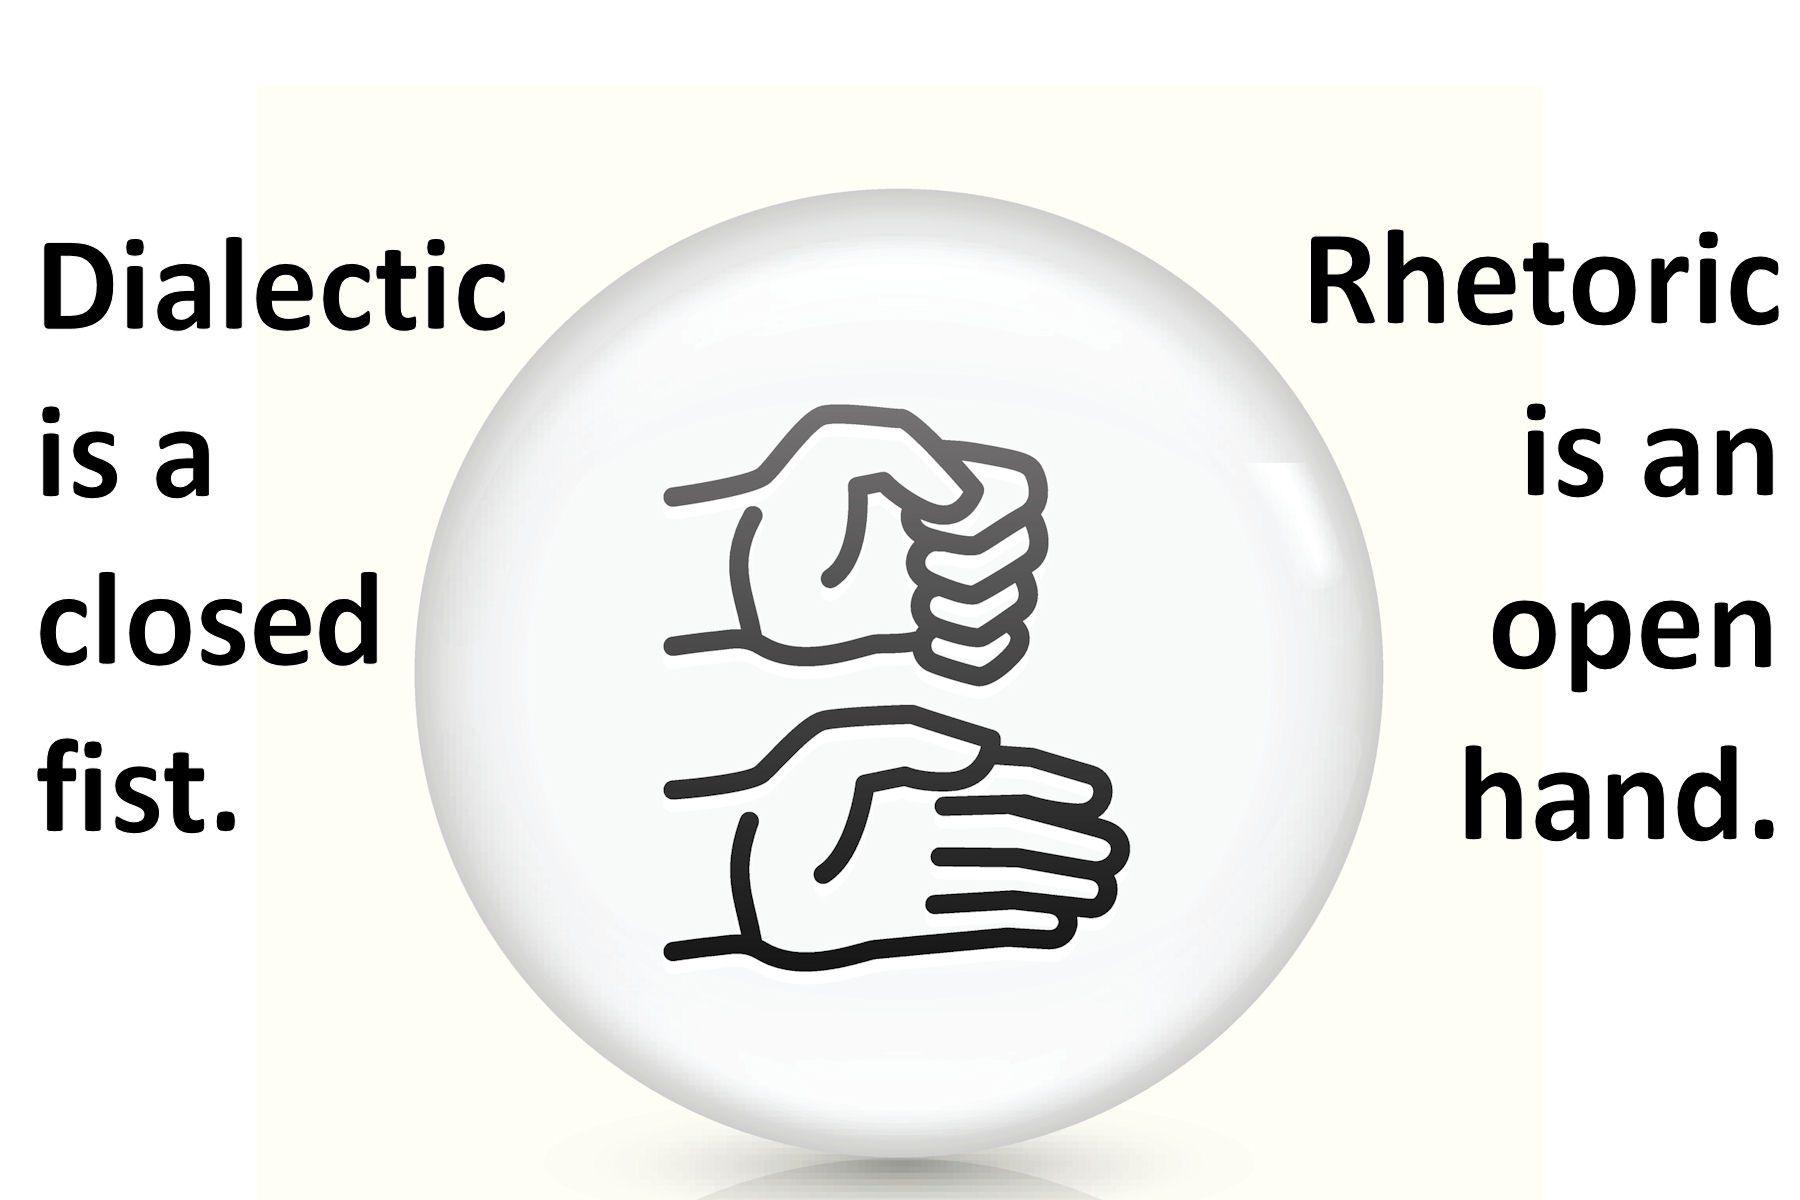 dialectic (rhetoric)